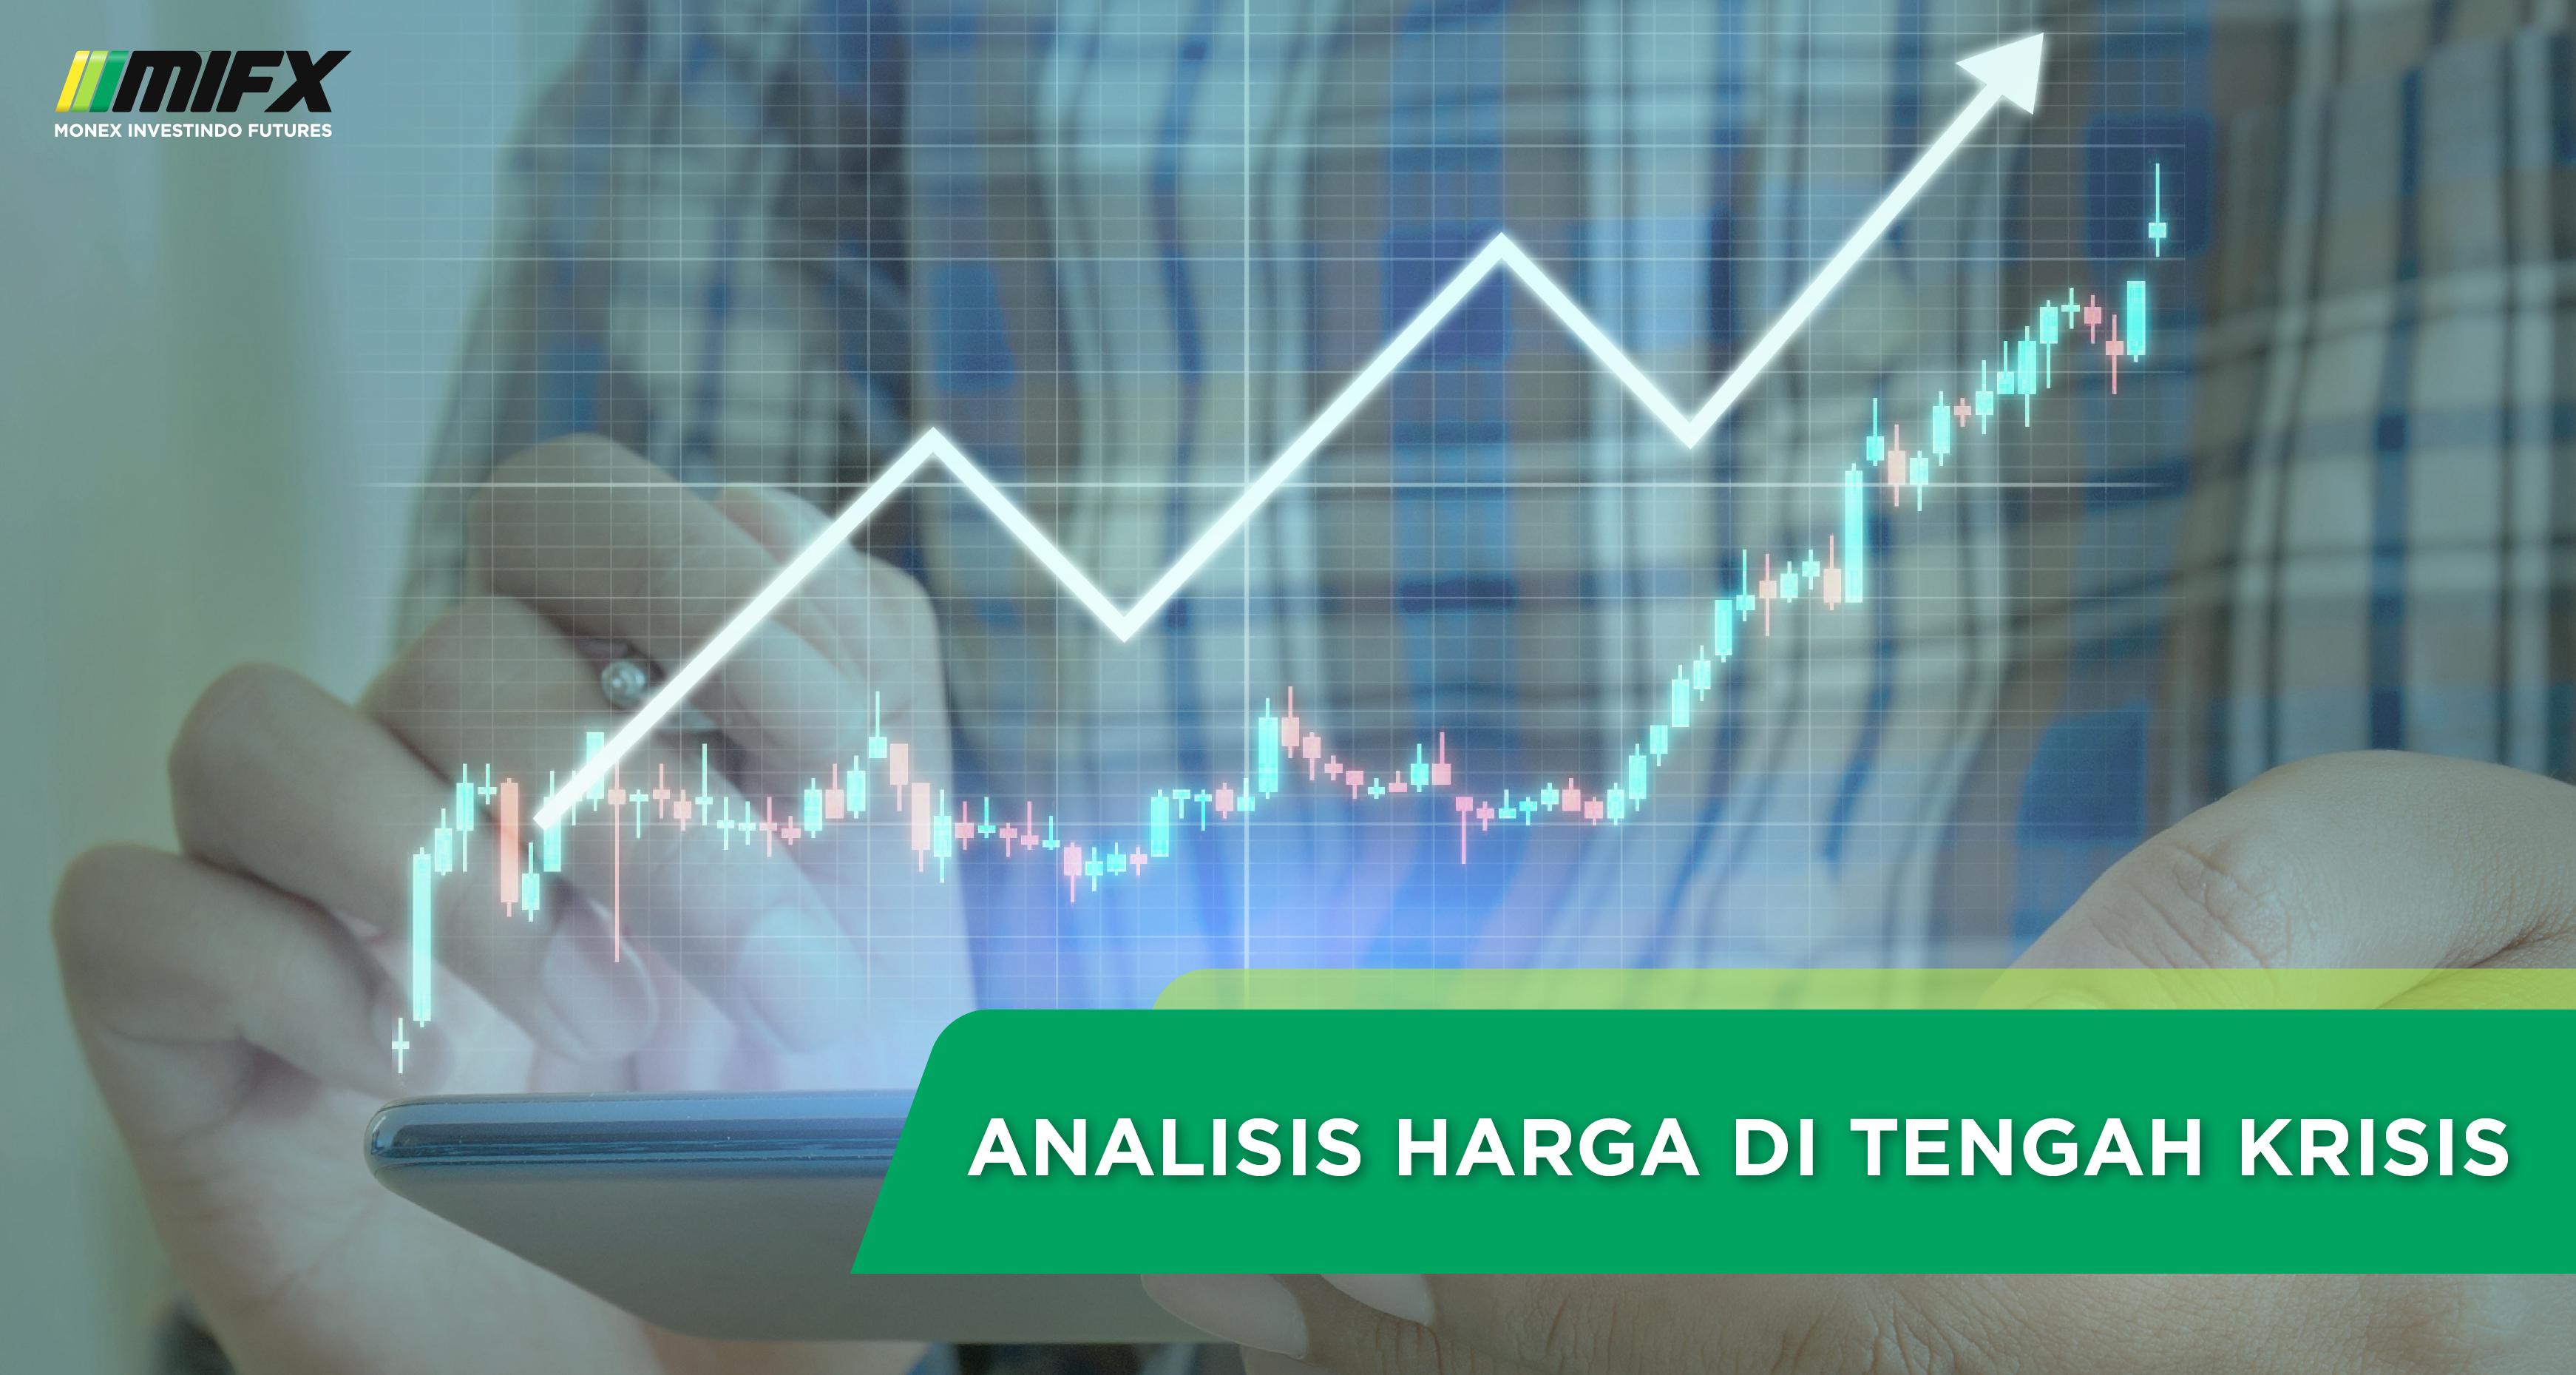 -article-04-analisis-harga-di-tengah-krisis1591096958.jpg